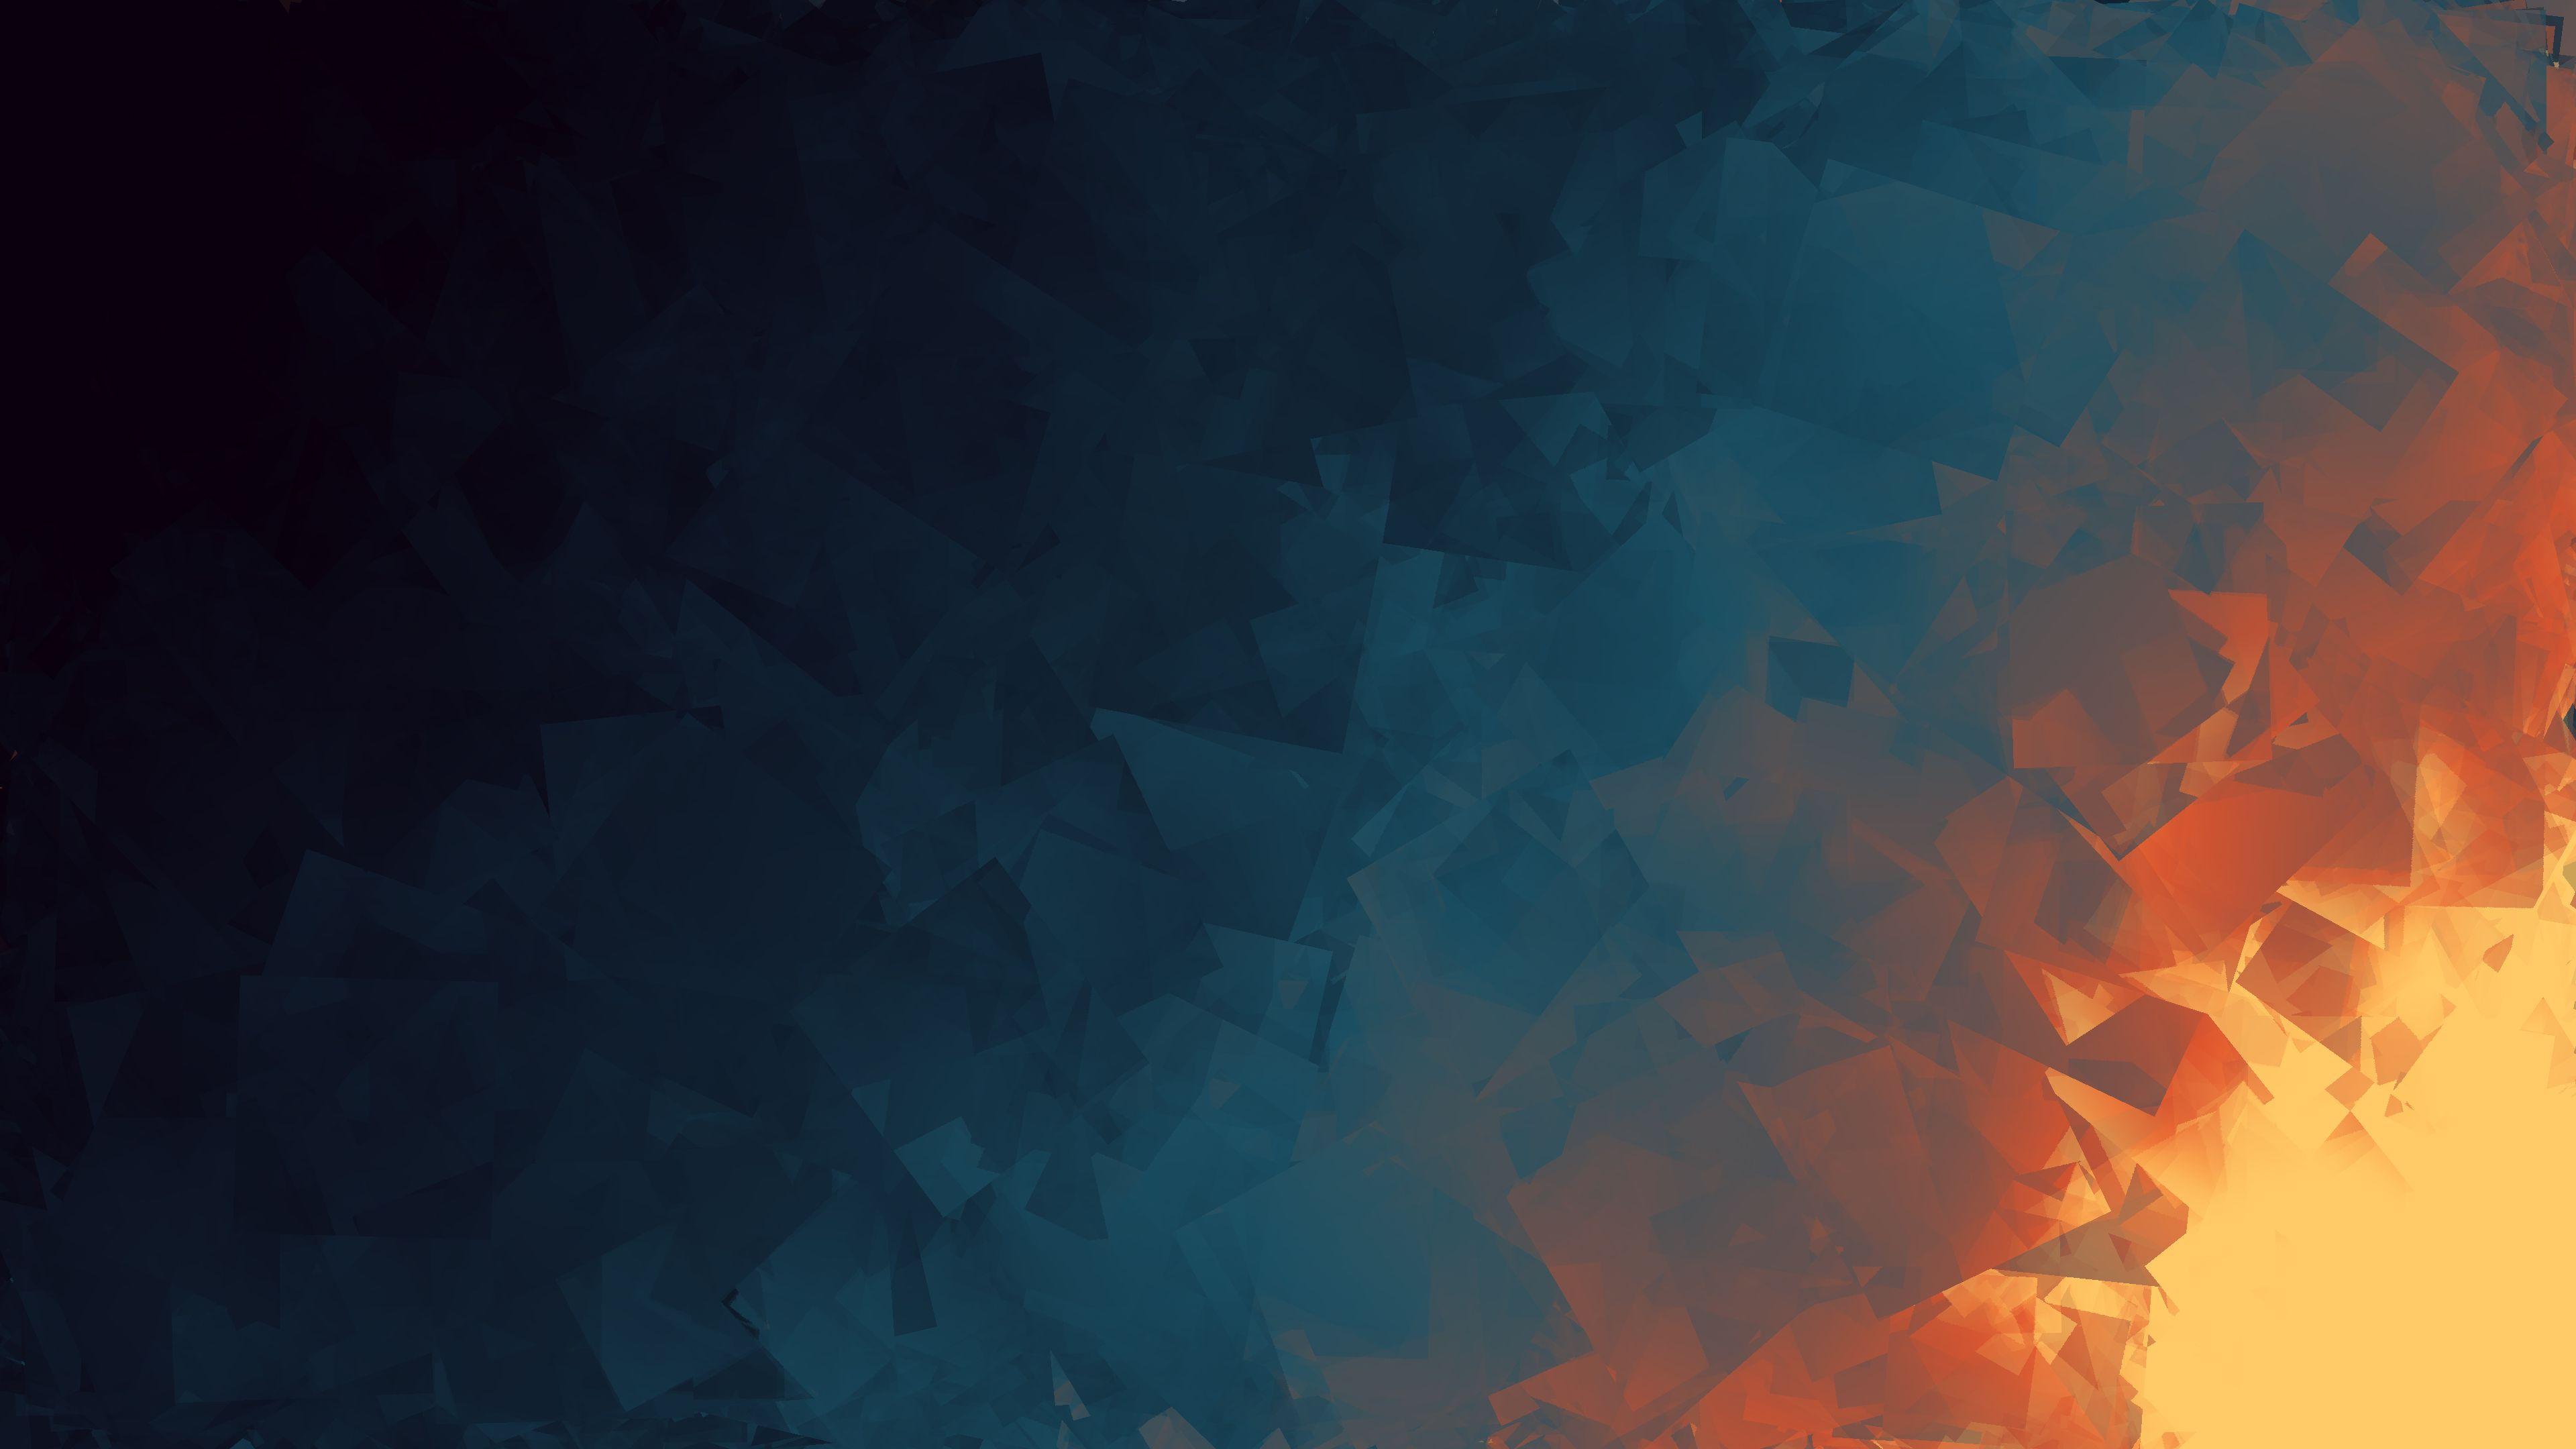 Artistic Wallpaper 128 3840x2160